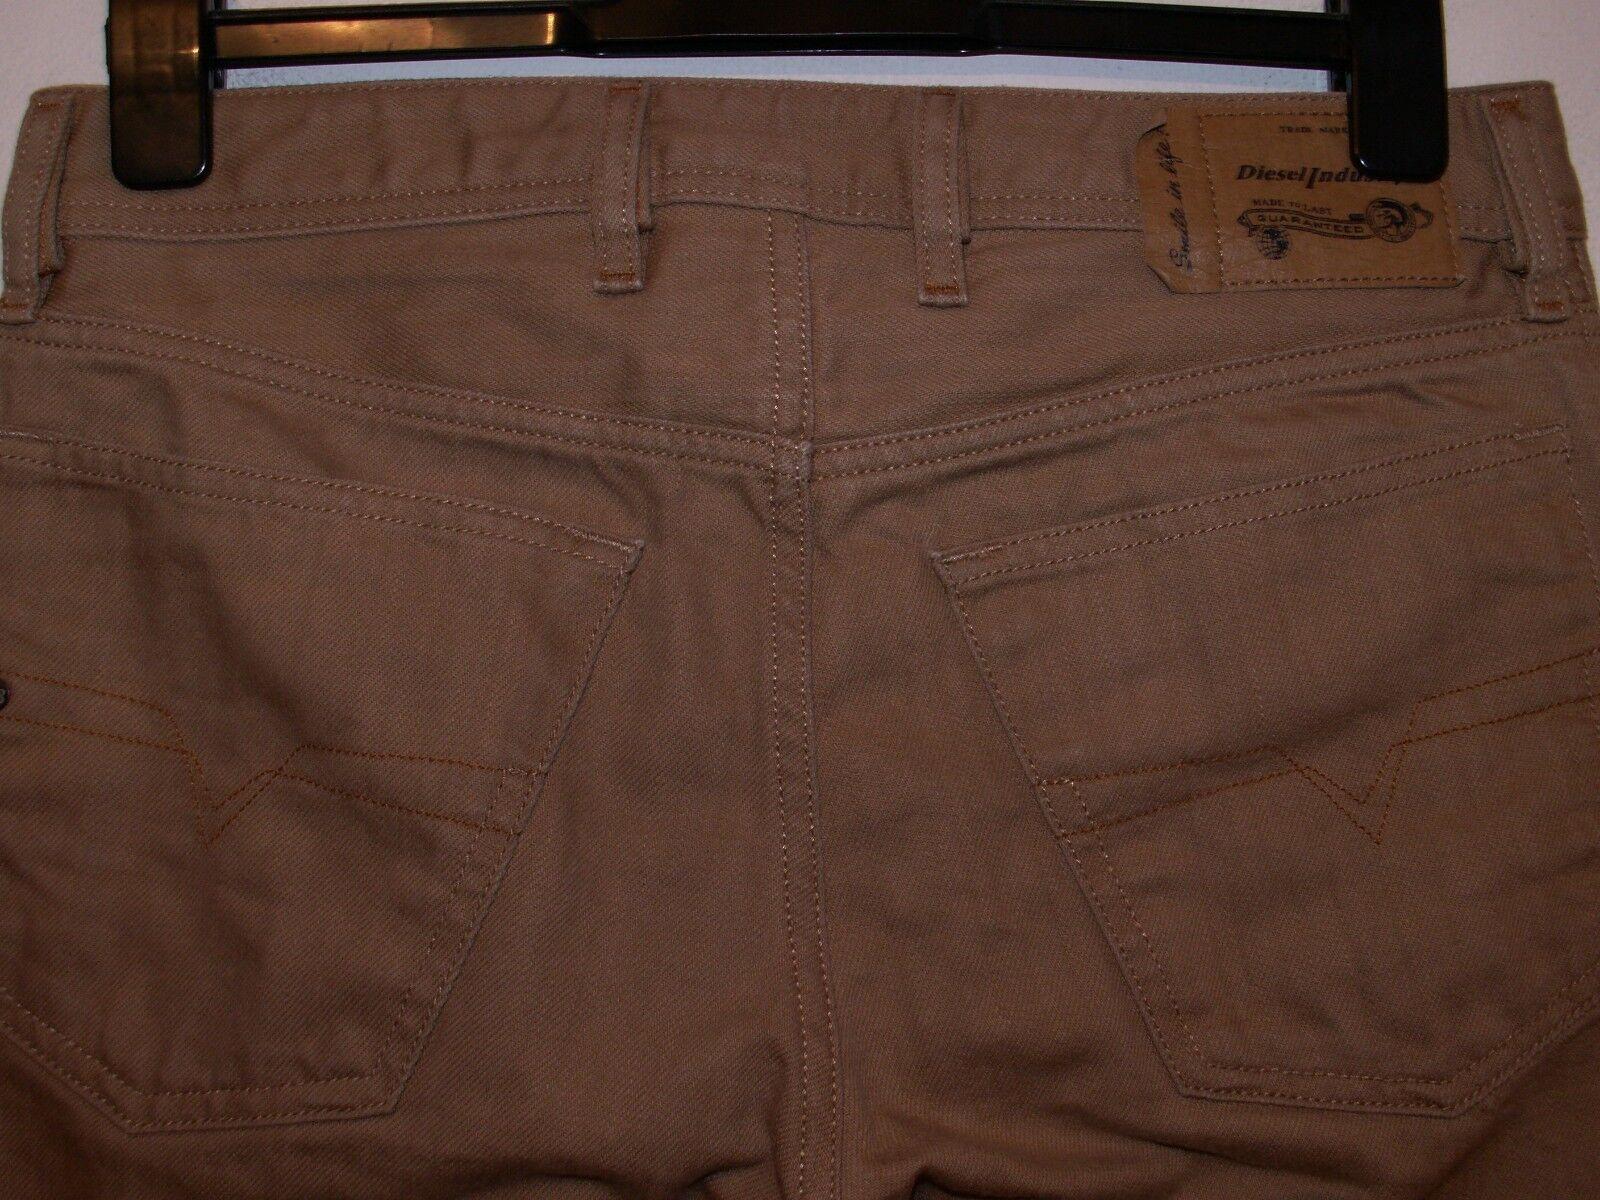 Diesel waykee regular fit straight leg jeans wash 008QU W30 L32 (a3531)  | Geeignet für Farbe  | Düsseldorf Eröffnung  | Jeder beschriebene Artikel ist verfügbar